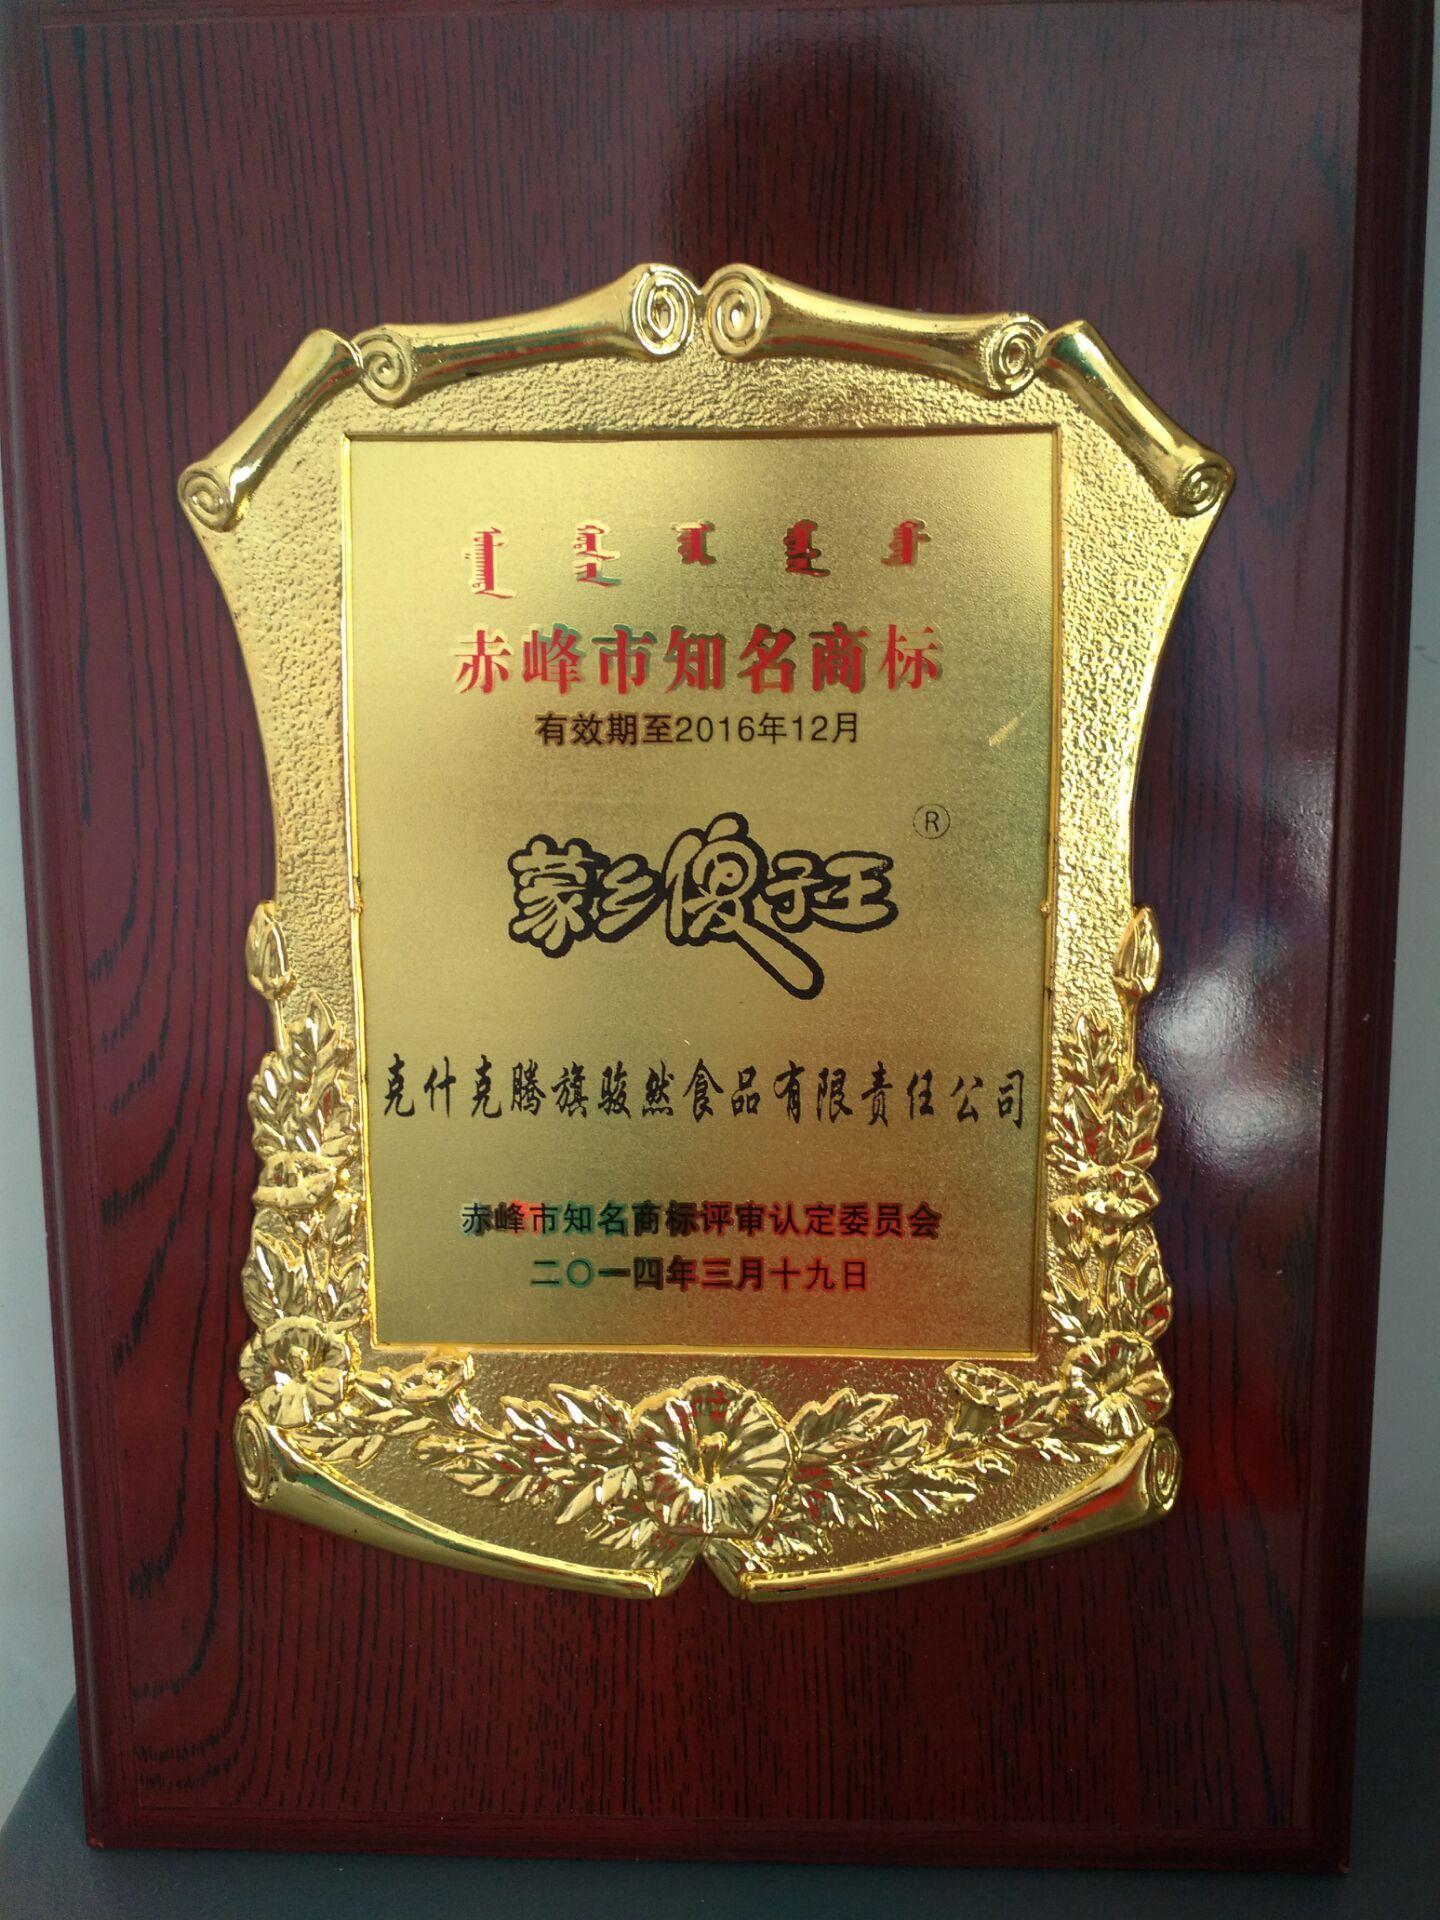 傻子王赤峰知名商标.jpg